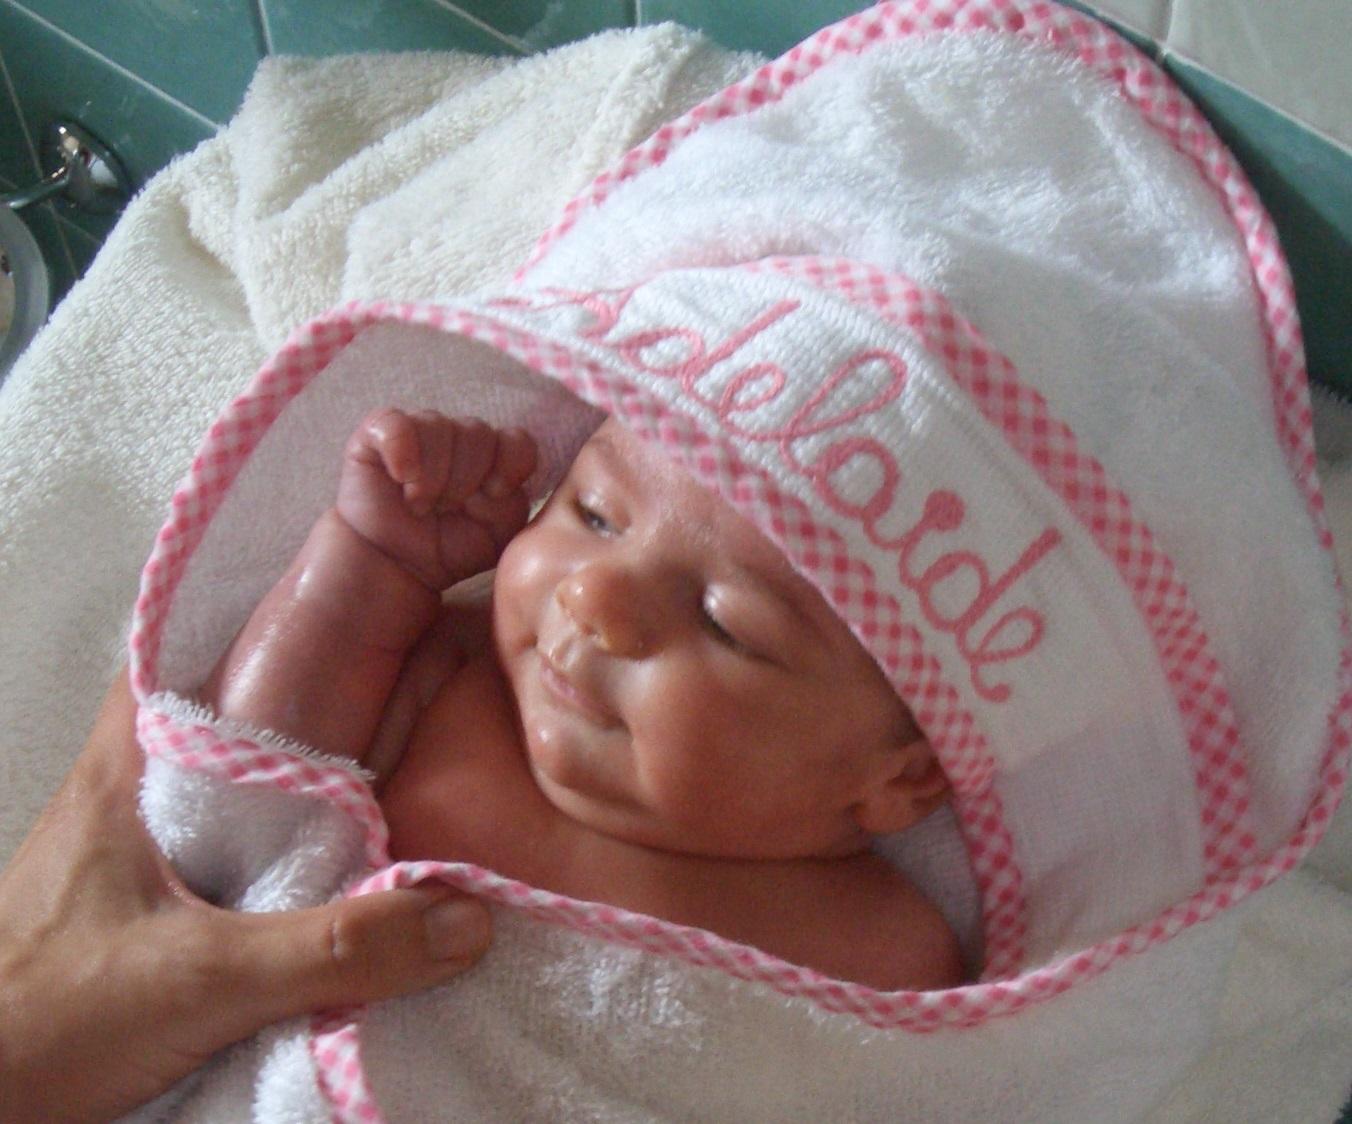 Vasca bagno neonato vaschetta neonato